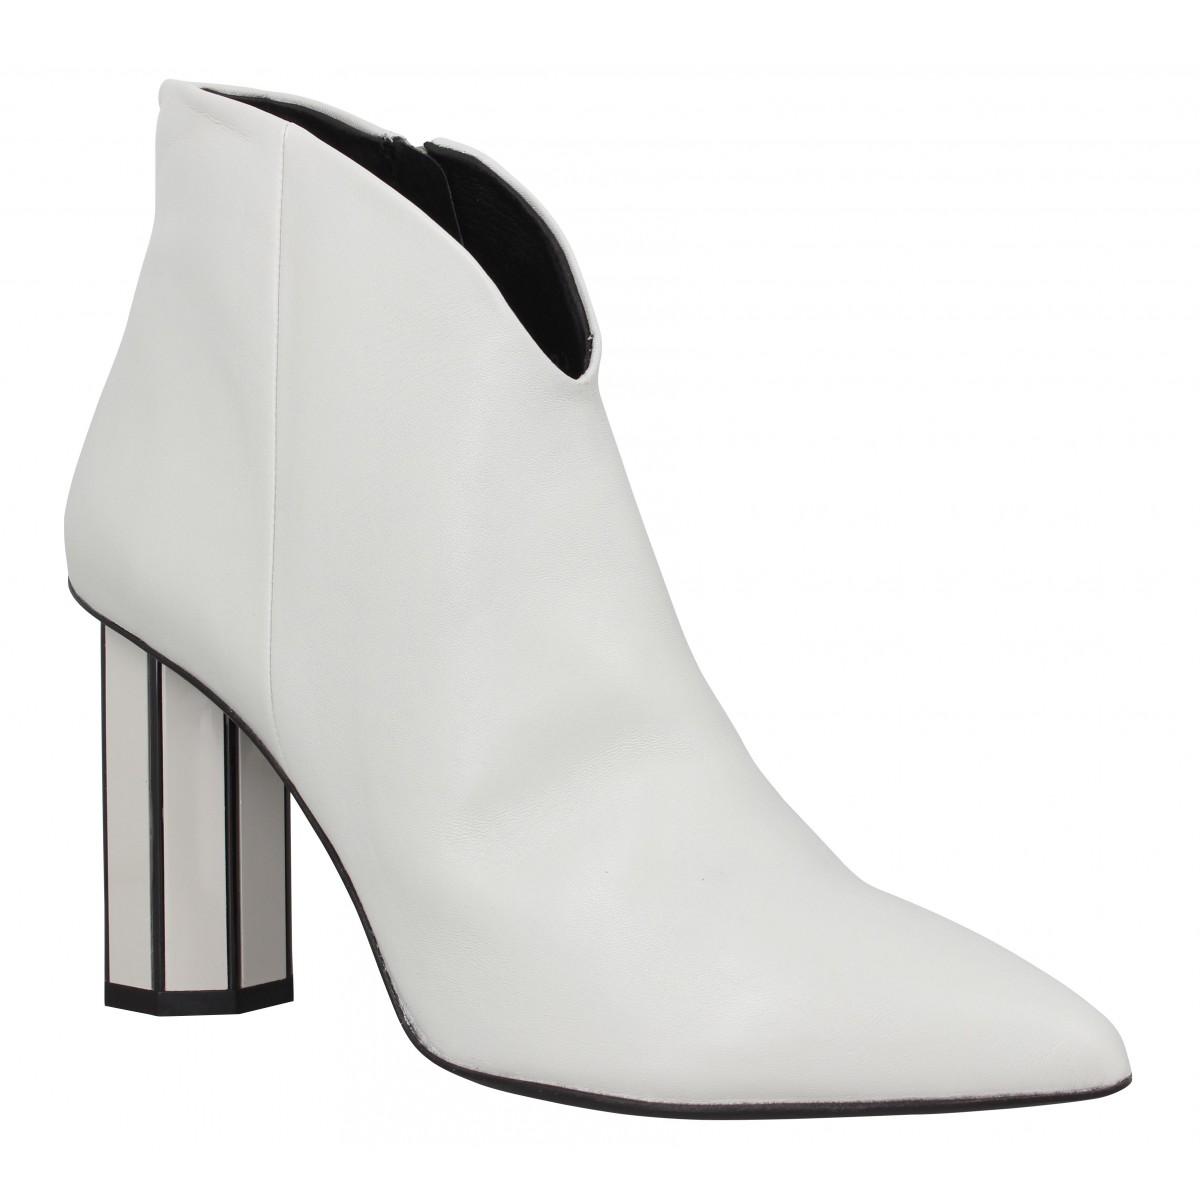 Bottines BRUNO PREMI 5901 cuir Femme Blanc